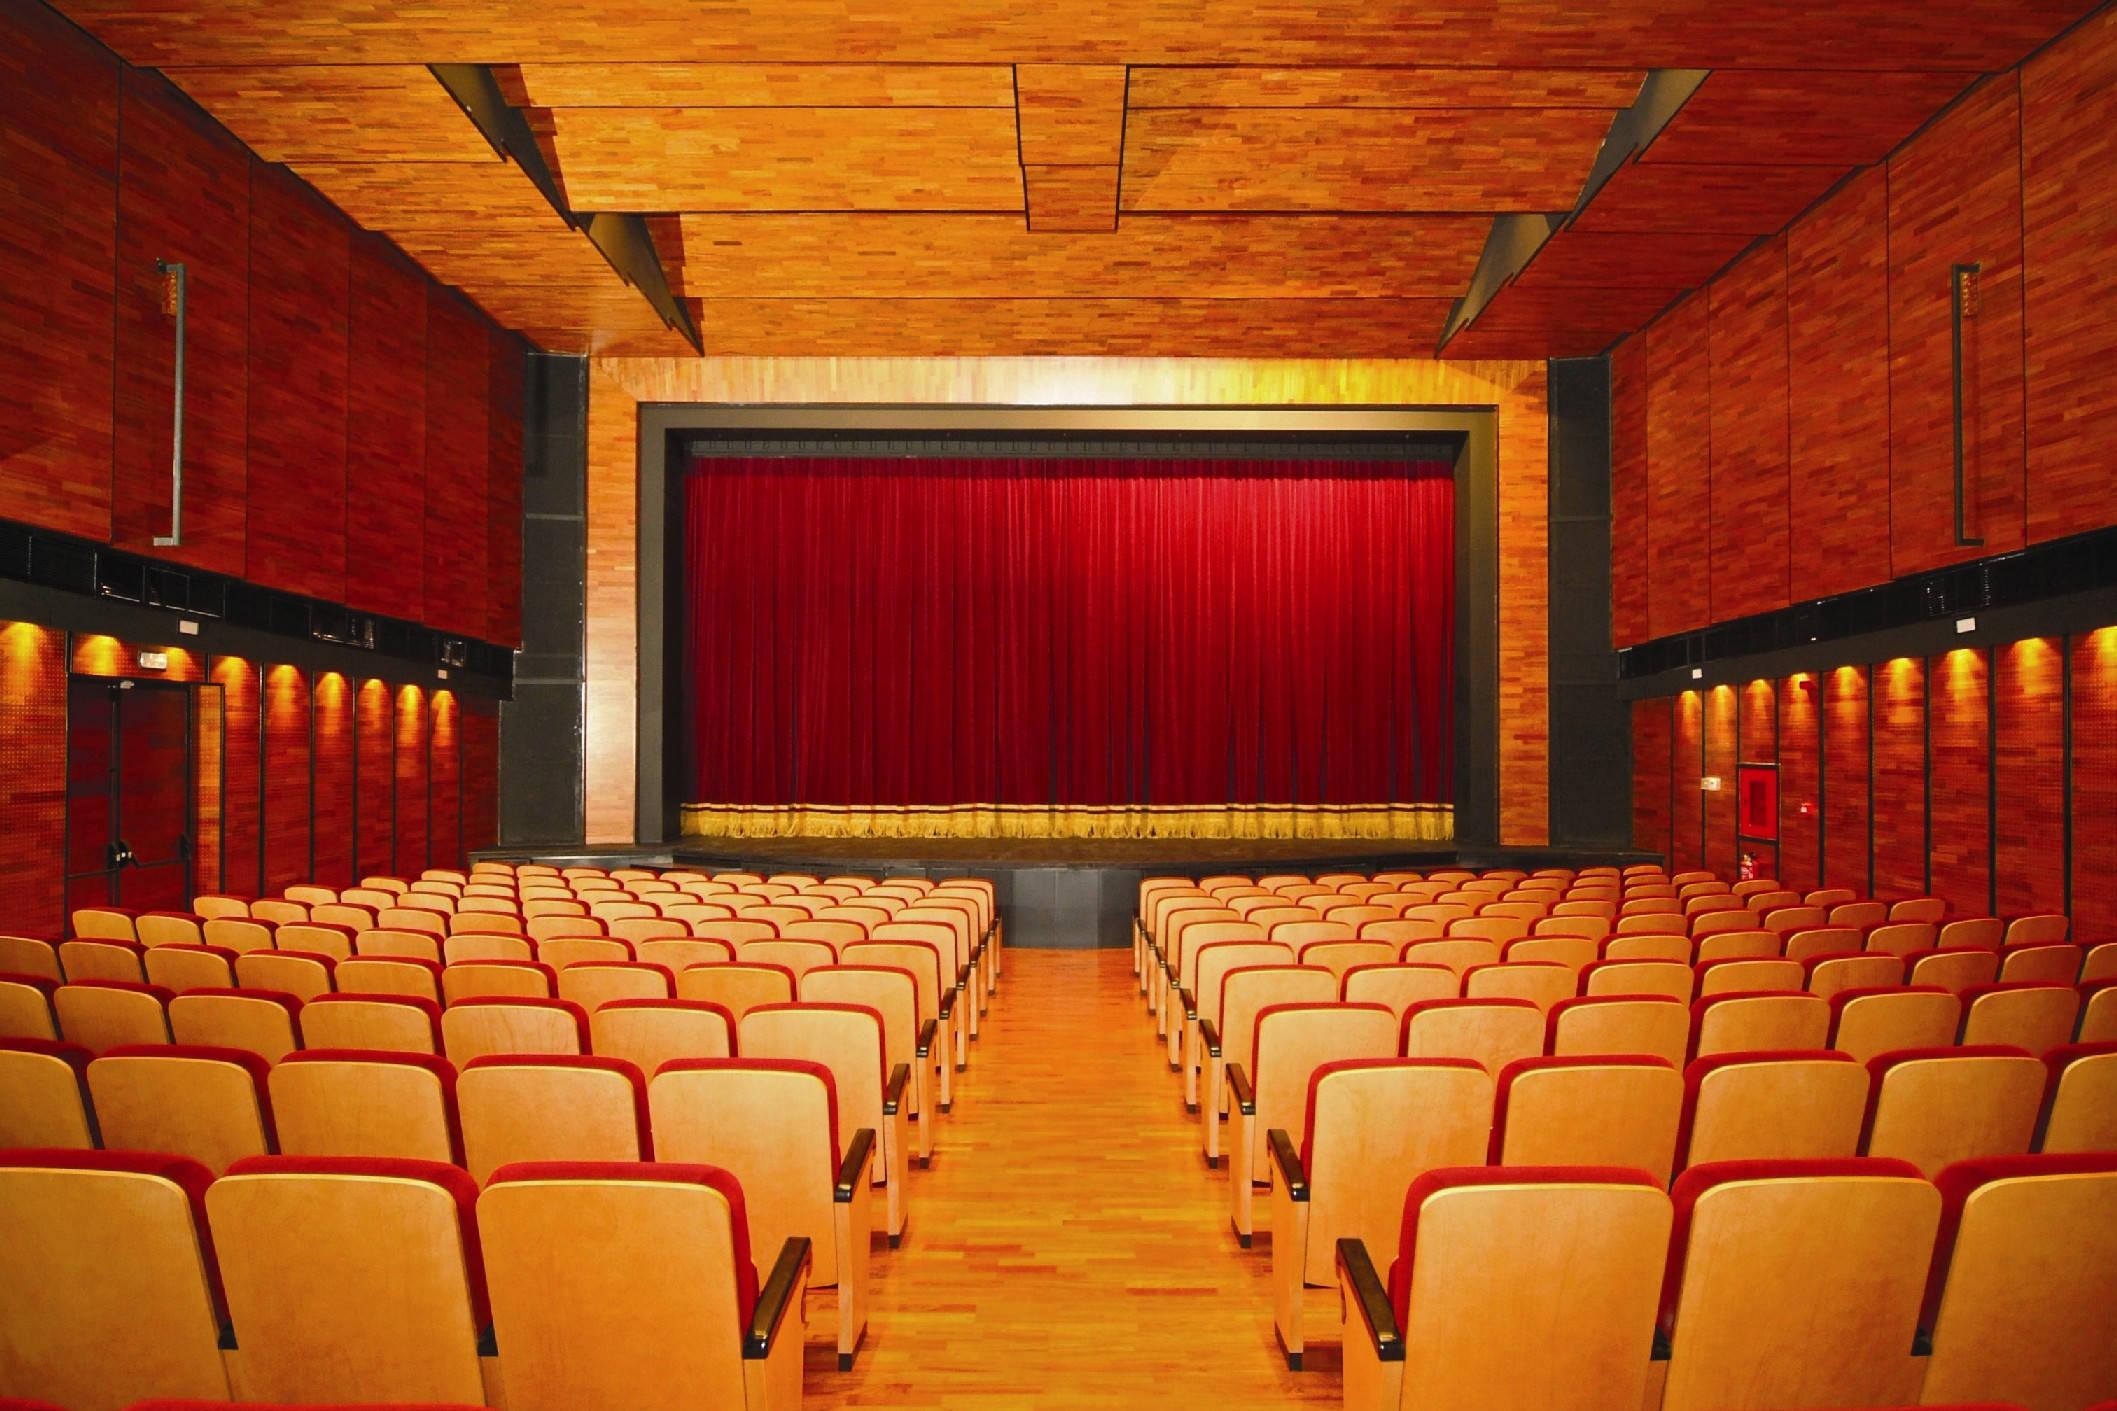 Teatro Municipal Centro de Navalcarnero